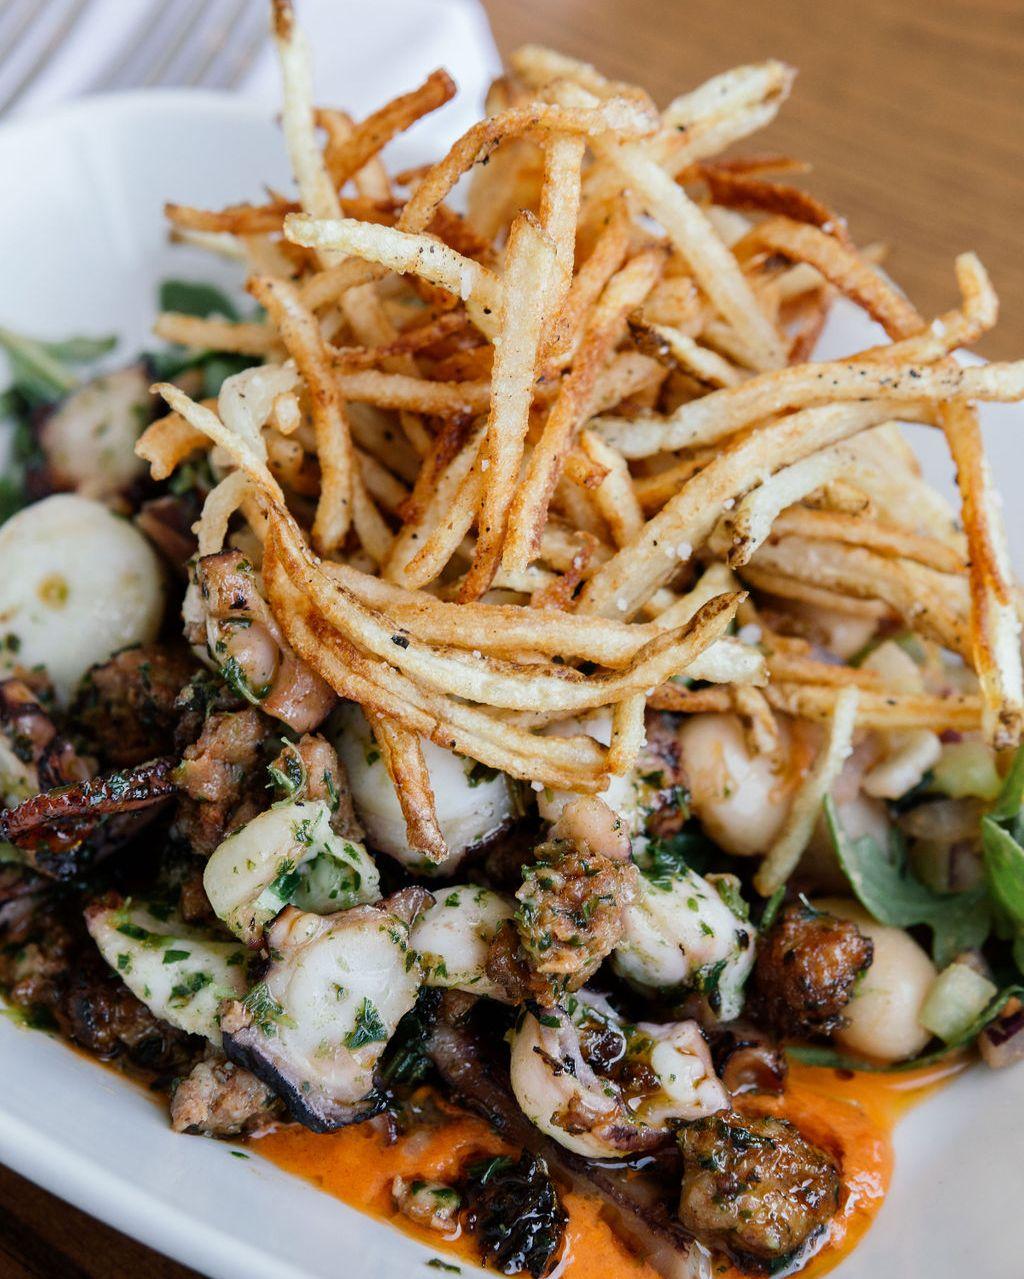 一盘上面有土豆条的海鲜